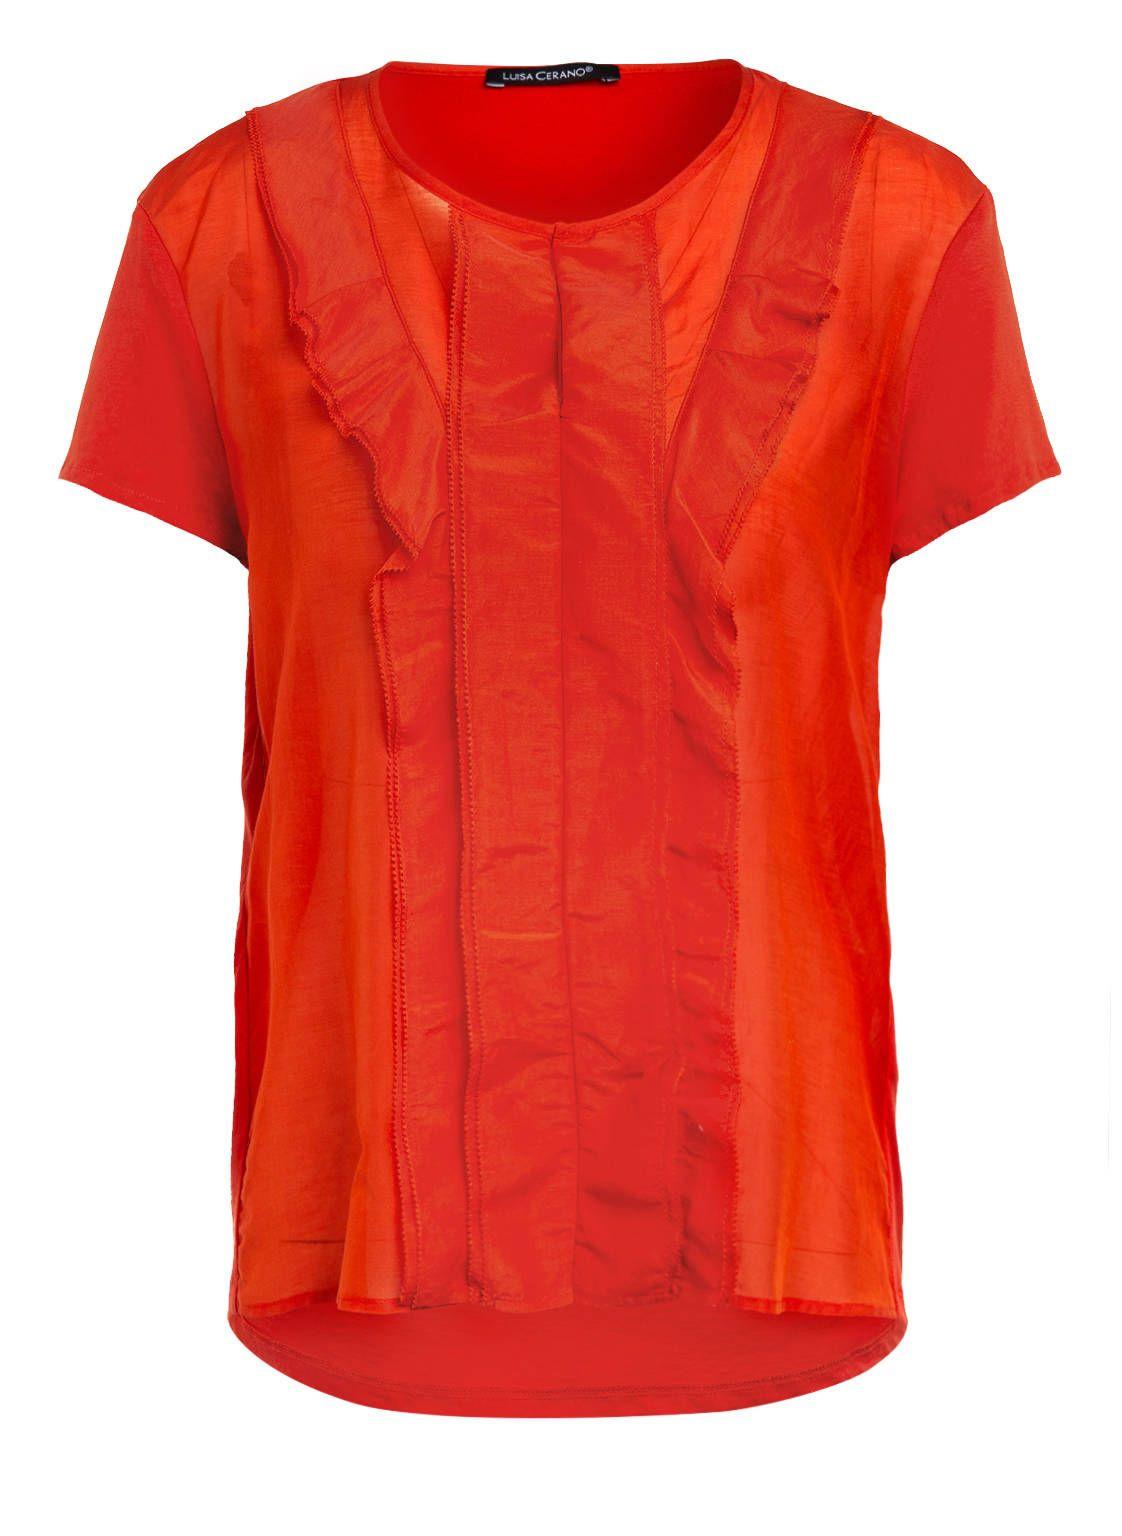 Blusenshirt mit Seide von LUISA CERANO bei Breuninger kaufen